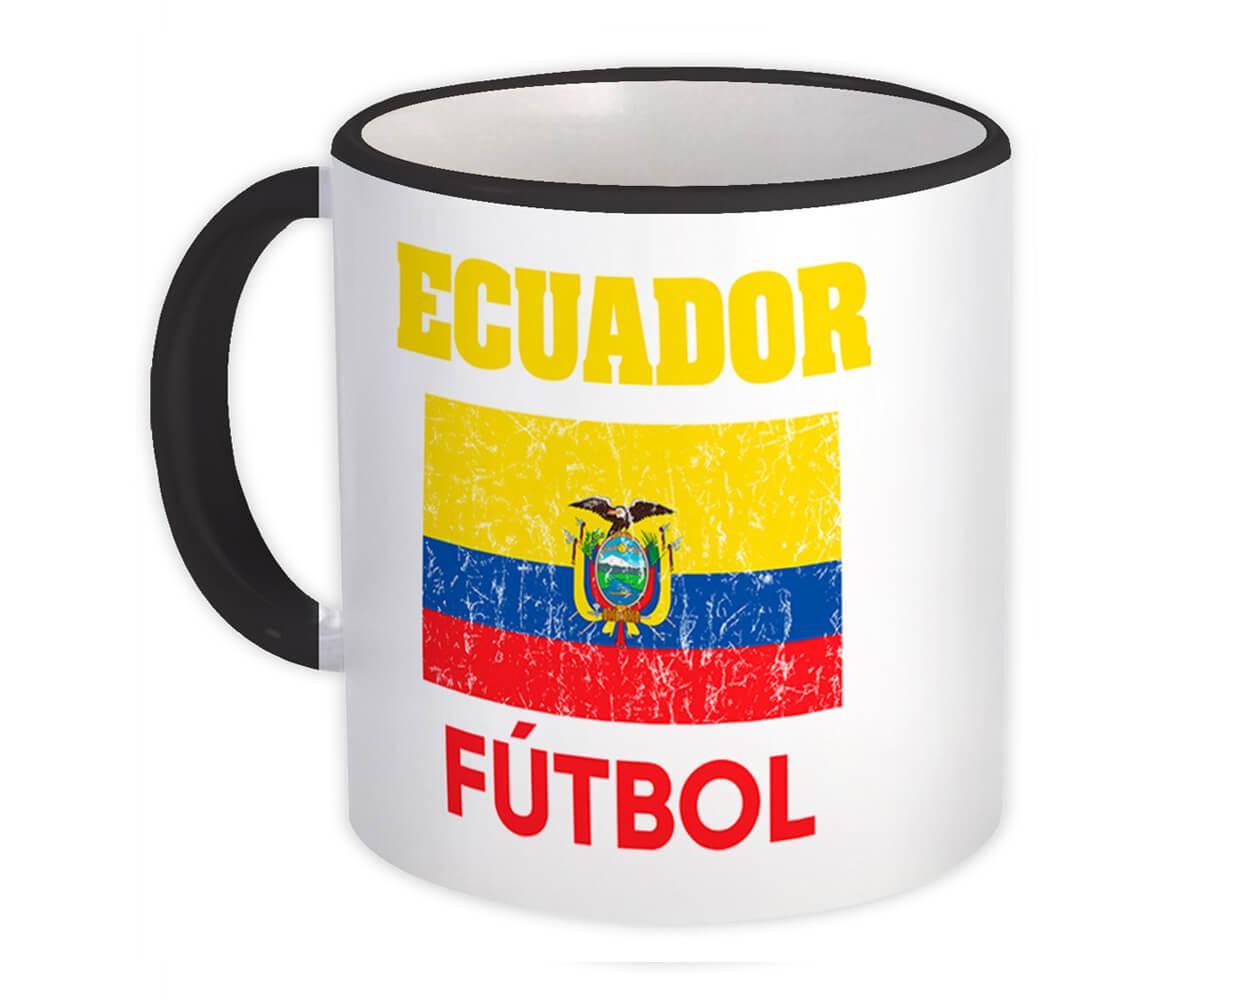 Ecuador : Gift Mug Distressed Flag Soccer Futbol Team Ecuadorian Country